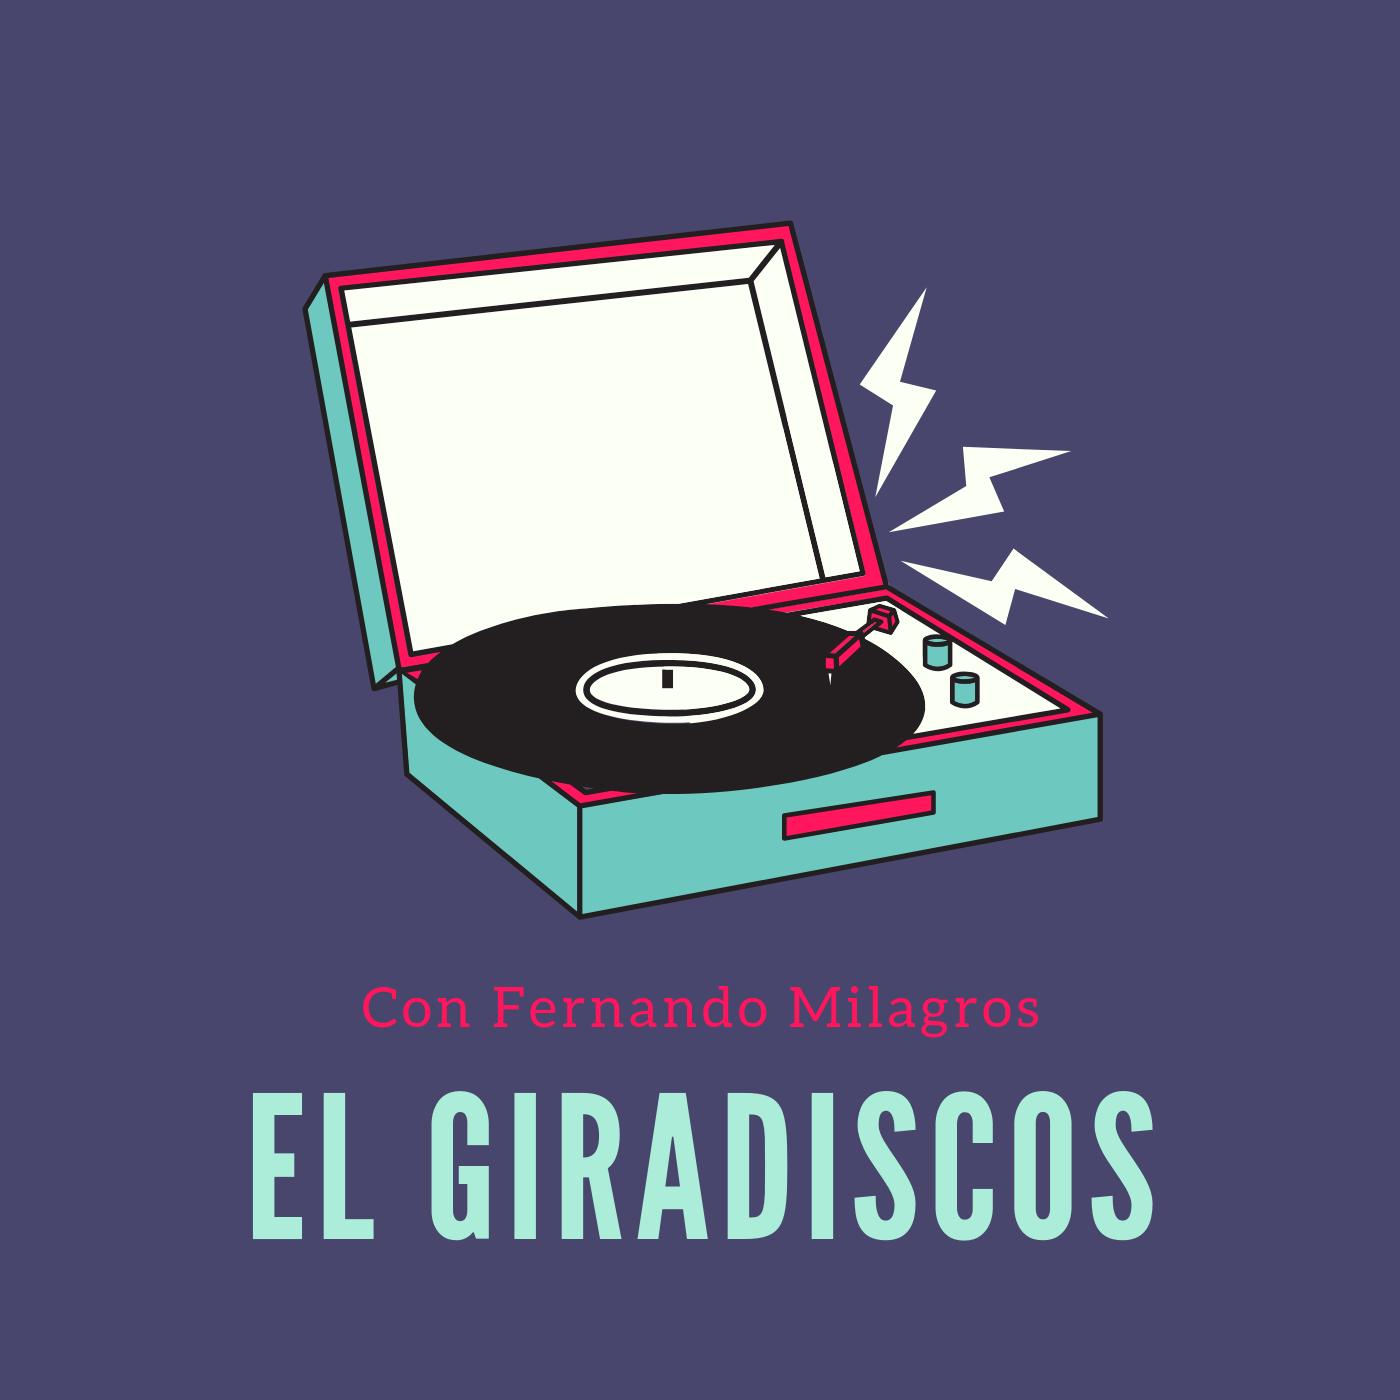 #ElGiradiscos - Revisión de grandes canciones y discos en formato vinilo. Directo desde la tornamesa a tus oídos.